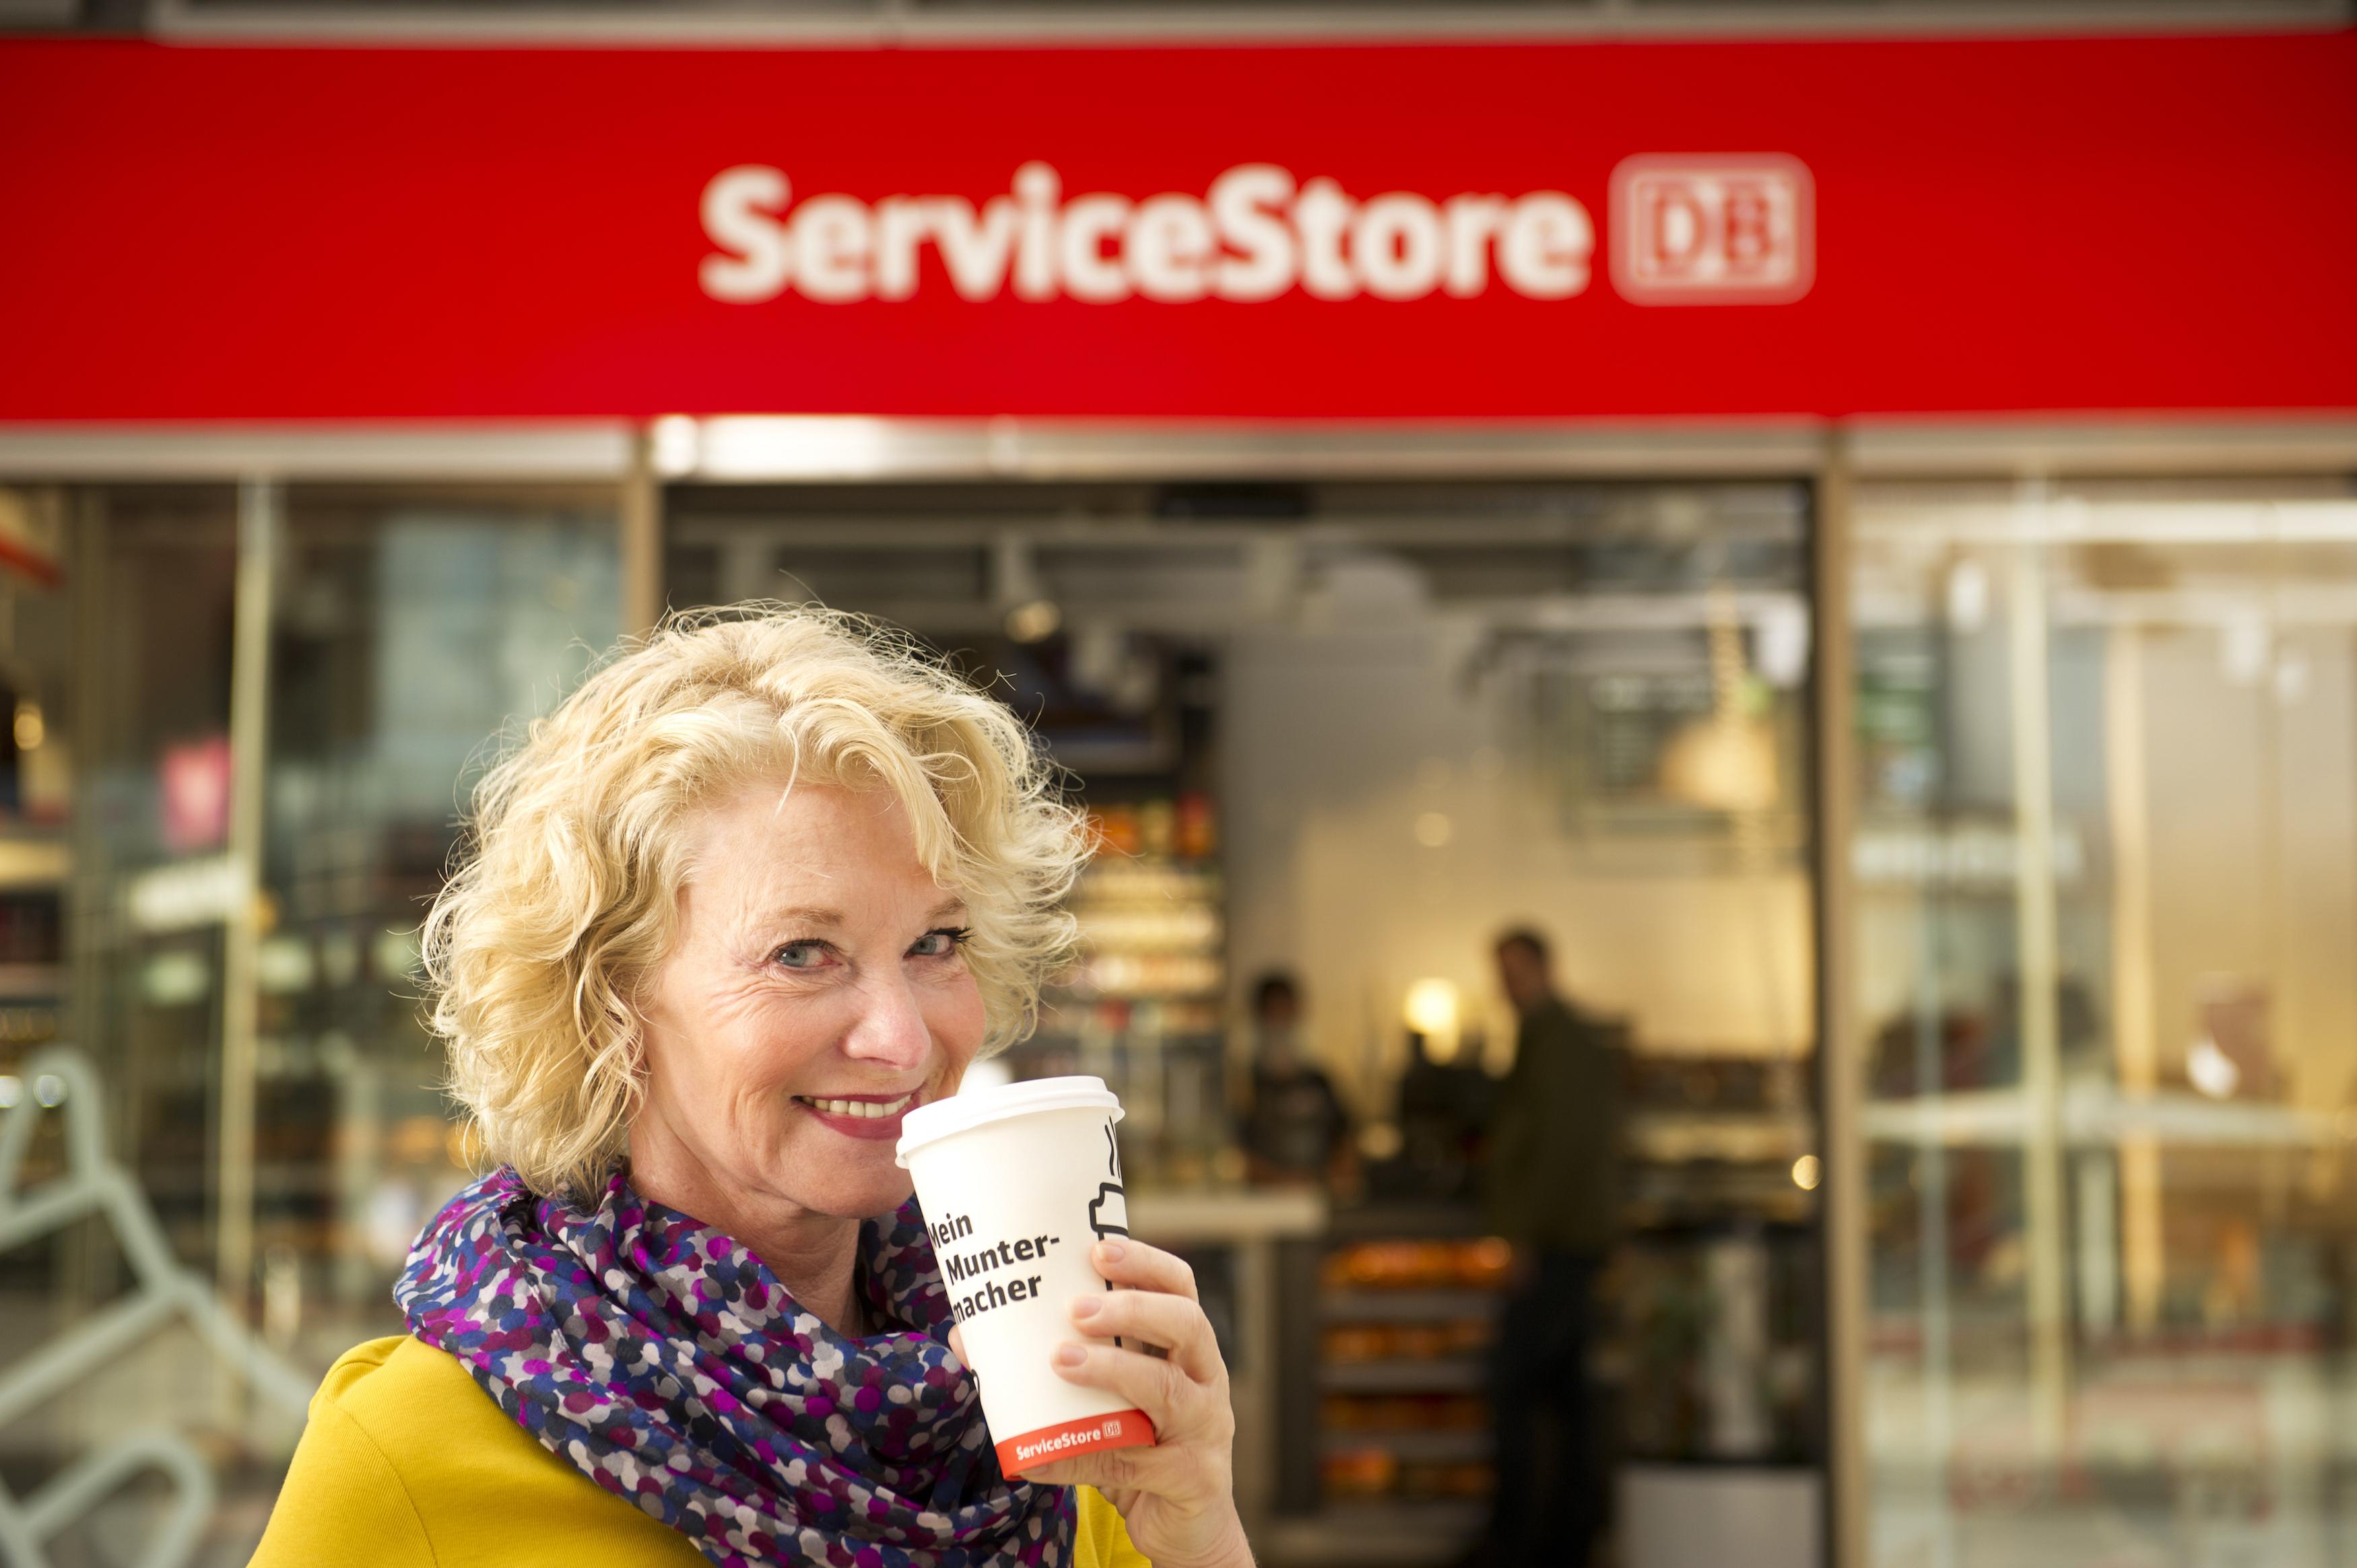 ServiceStore DB - S-Bahnhof Erding